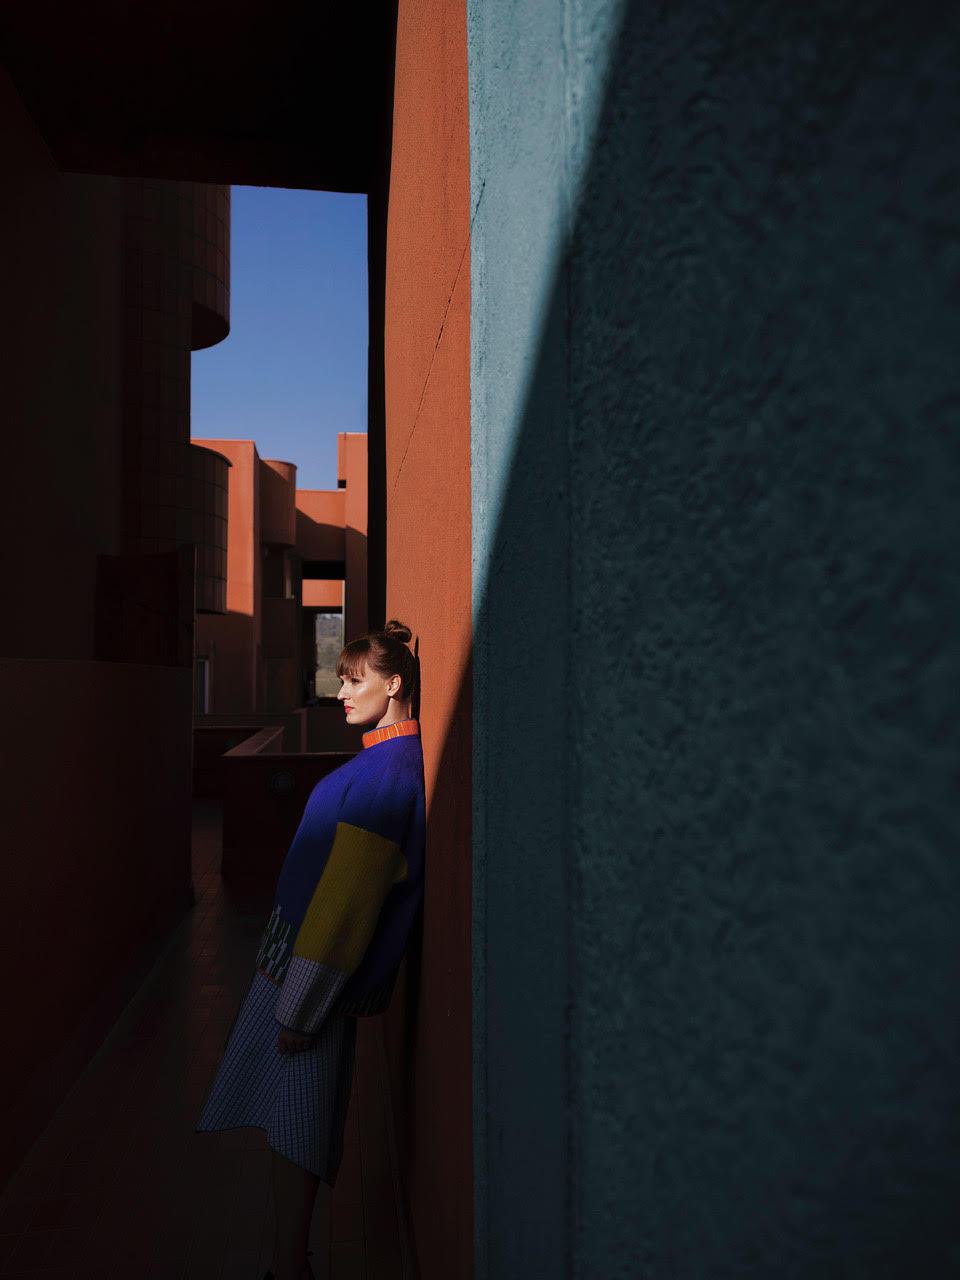 Mloda kobieta stoi bokiem na tle niebieskiego budynku